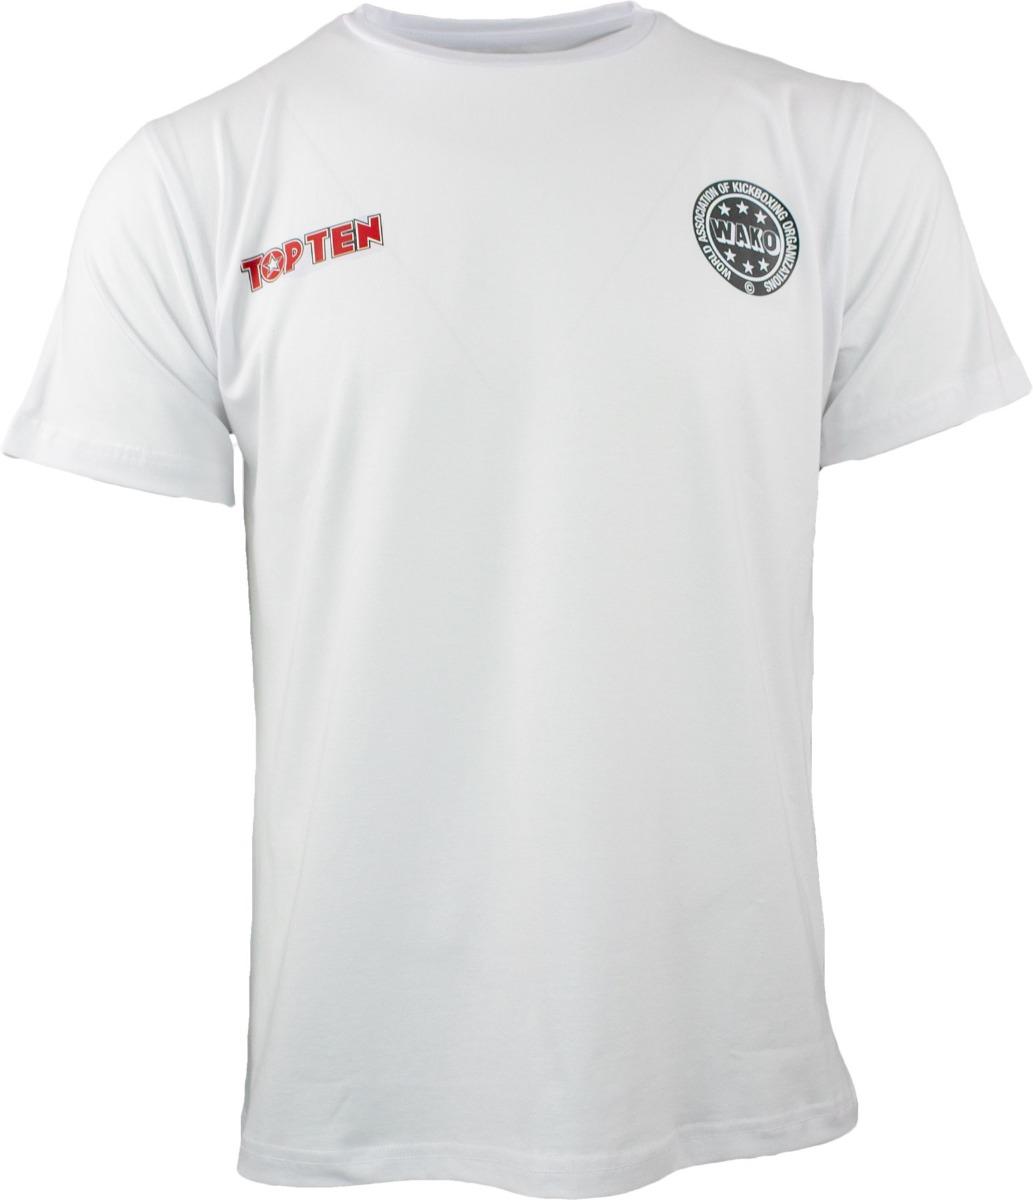 """TOP TEN T-Shirt """"Wako No 1"""" Wit"""